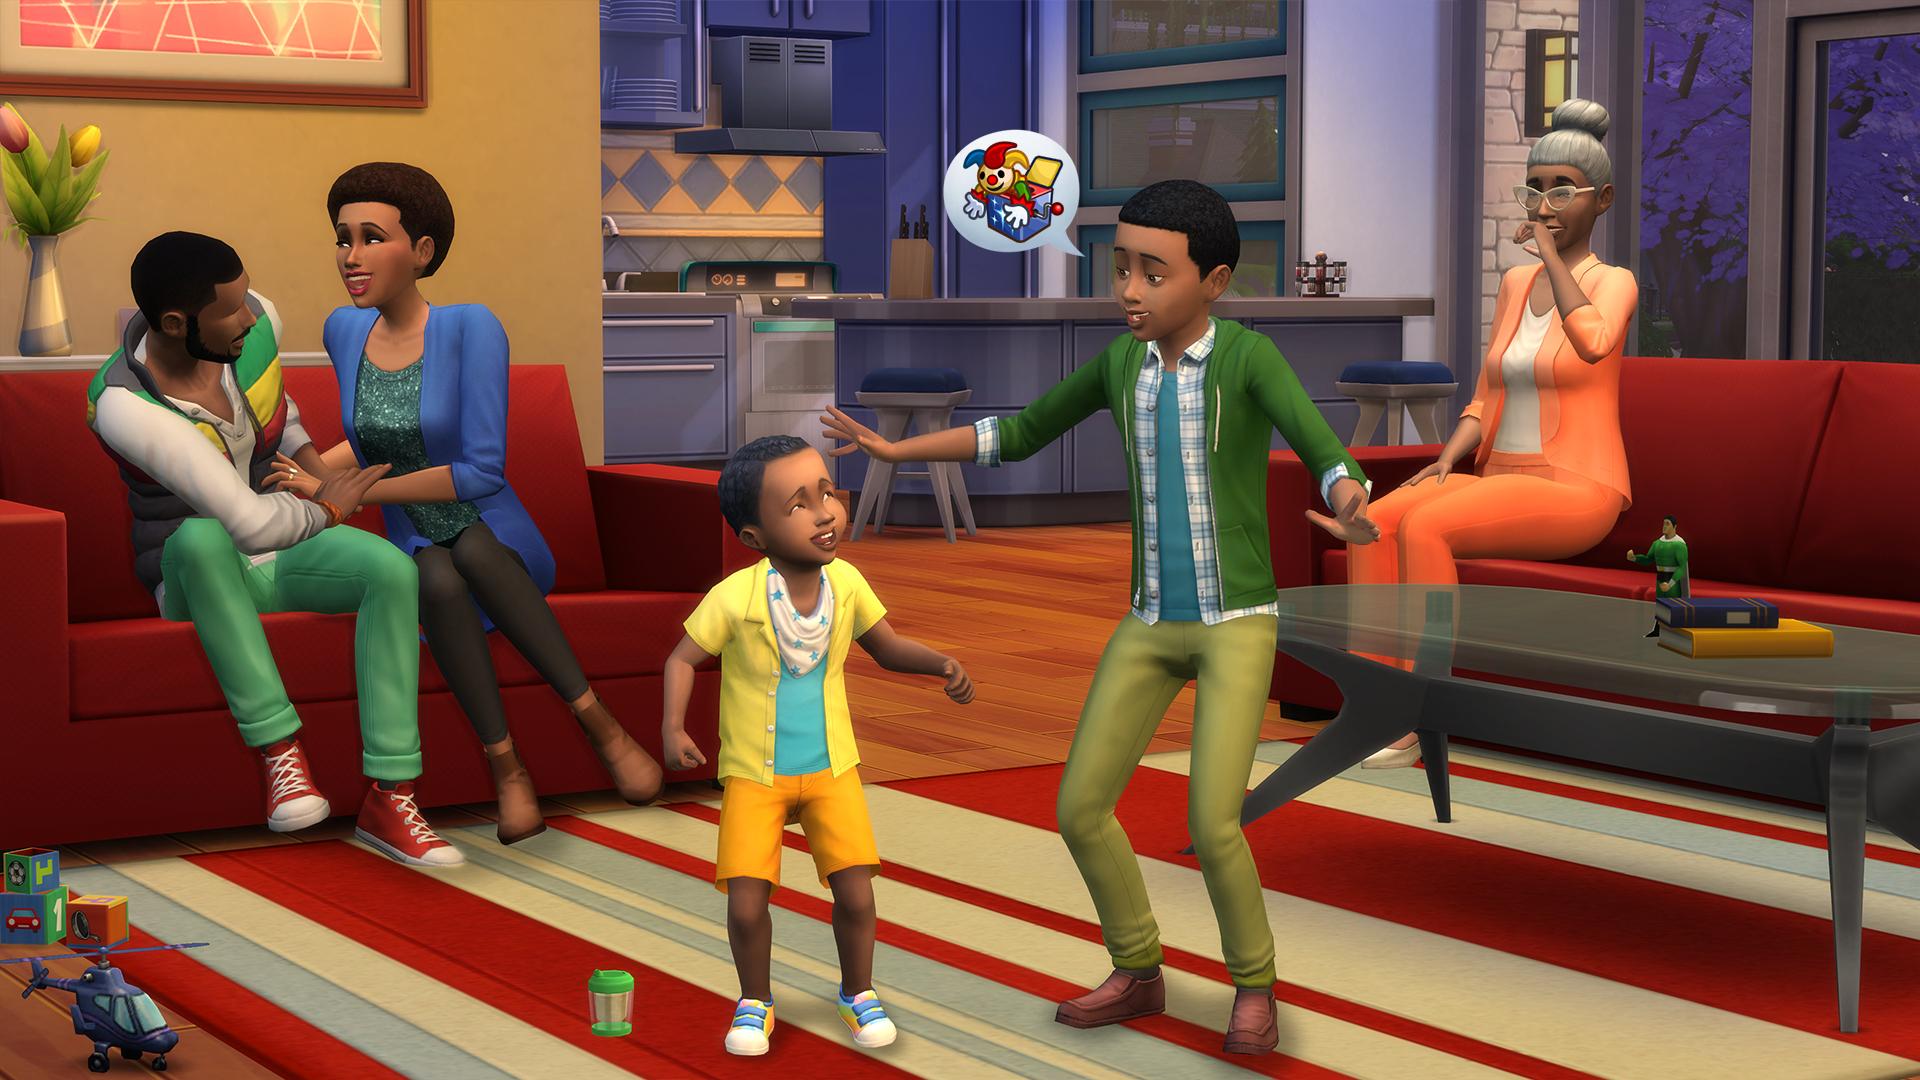 Les Sims 4 Et Grid 2 Sont Récupérables Gratuitement Sur Pc tout Application Jeux Gratuit Pc